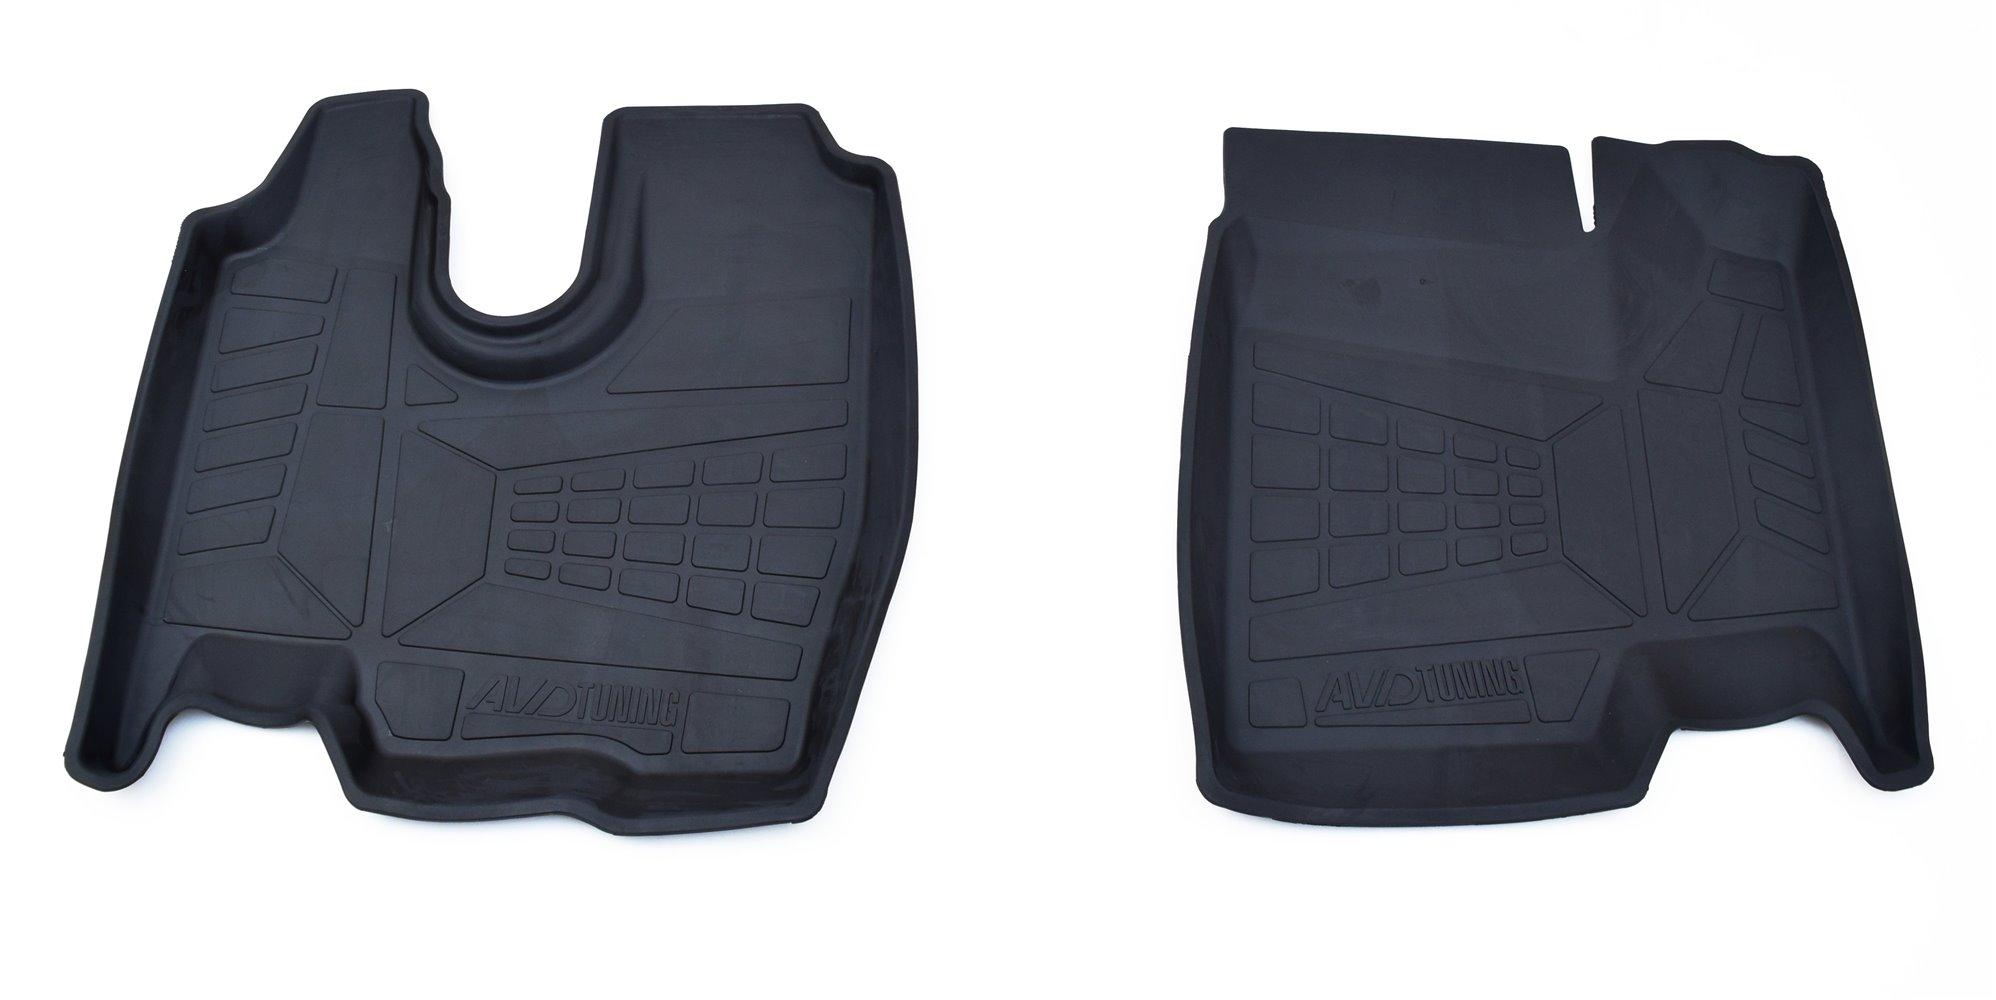 Коврики в салон автомобиля Avtodriver резиновые с бортиком для Chevrolet Nivа (2002-), Adrplr0232, черный коврики салона avtodriver для mercedes benz e klasse w212 2007 adravg155 резиновые с бортиком черный